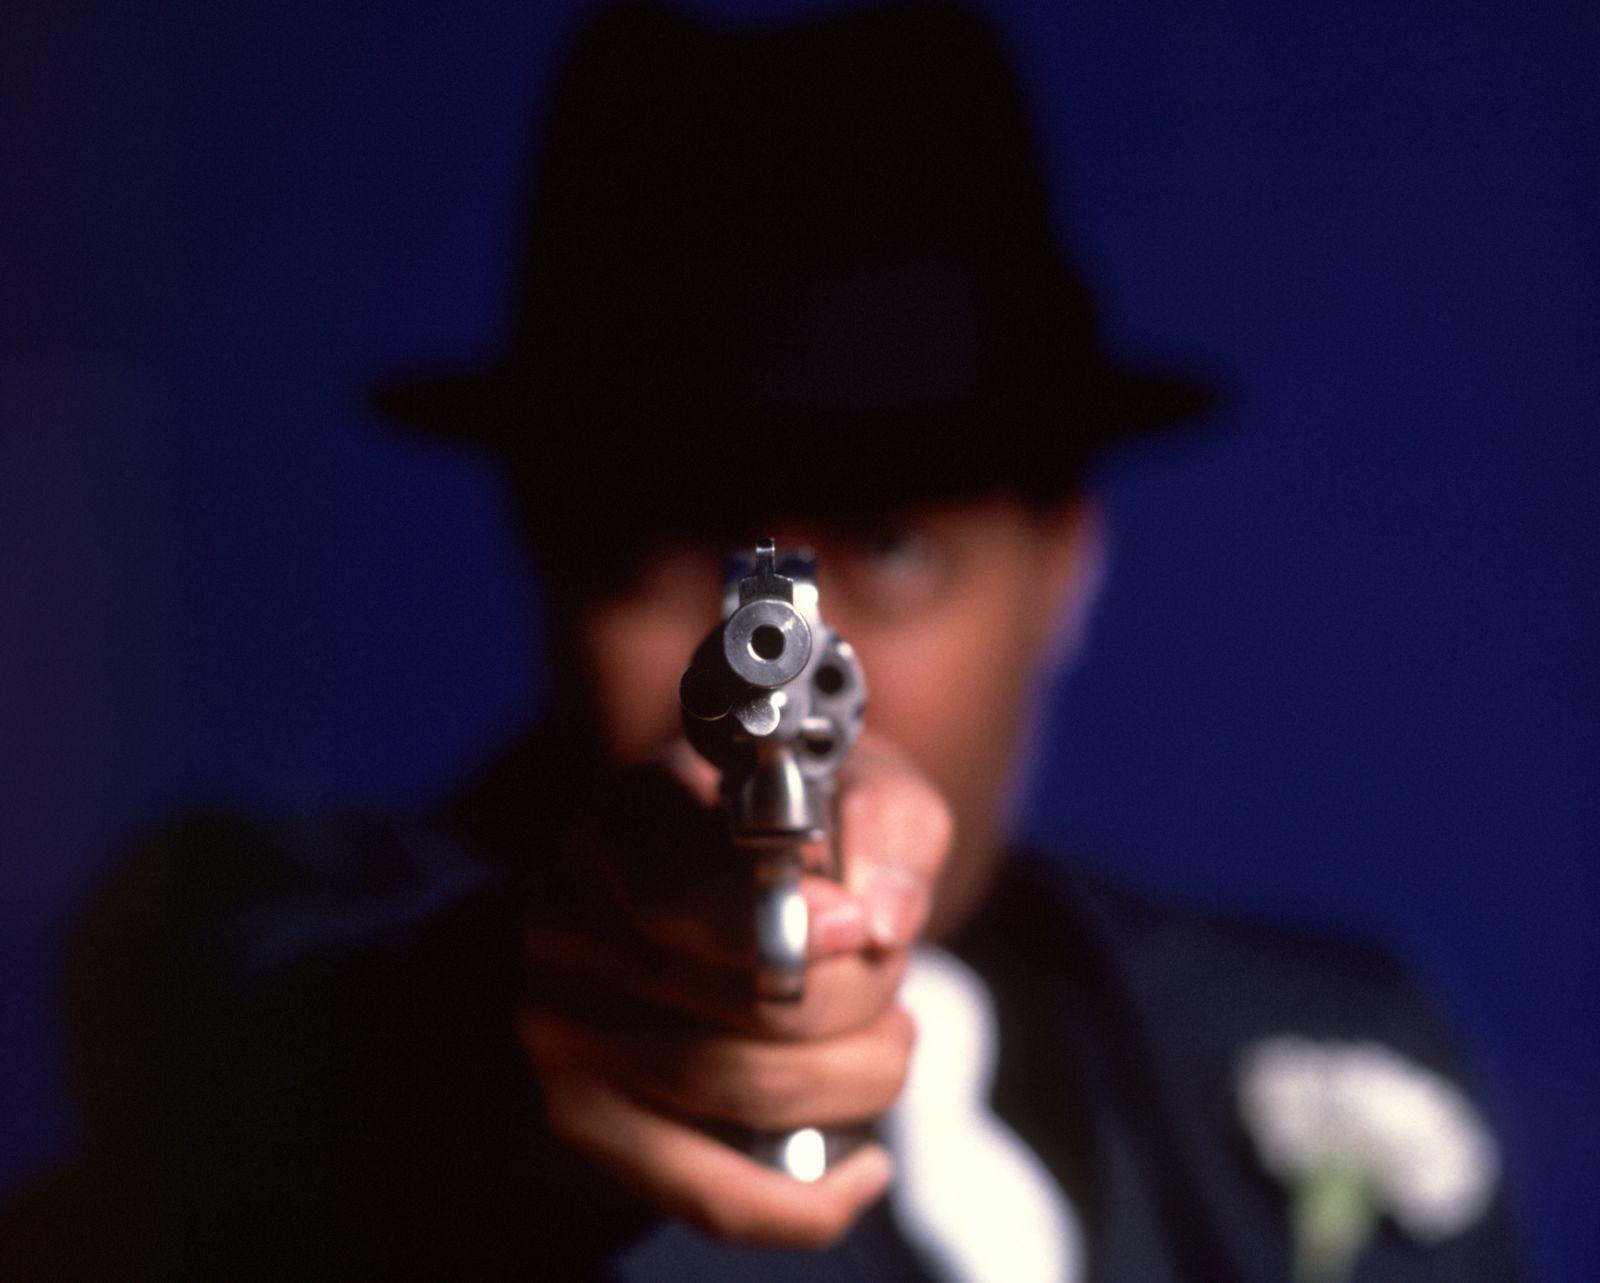 NICHT MEHR VERWENDEN! - SYMBOLBILD Erpressung / Pistolenlauf